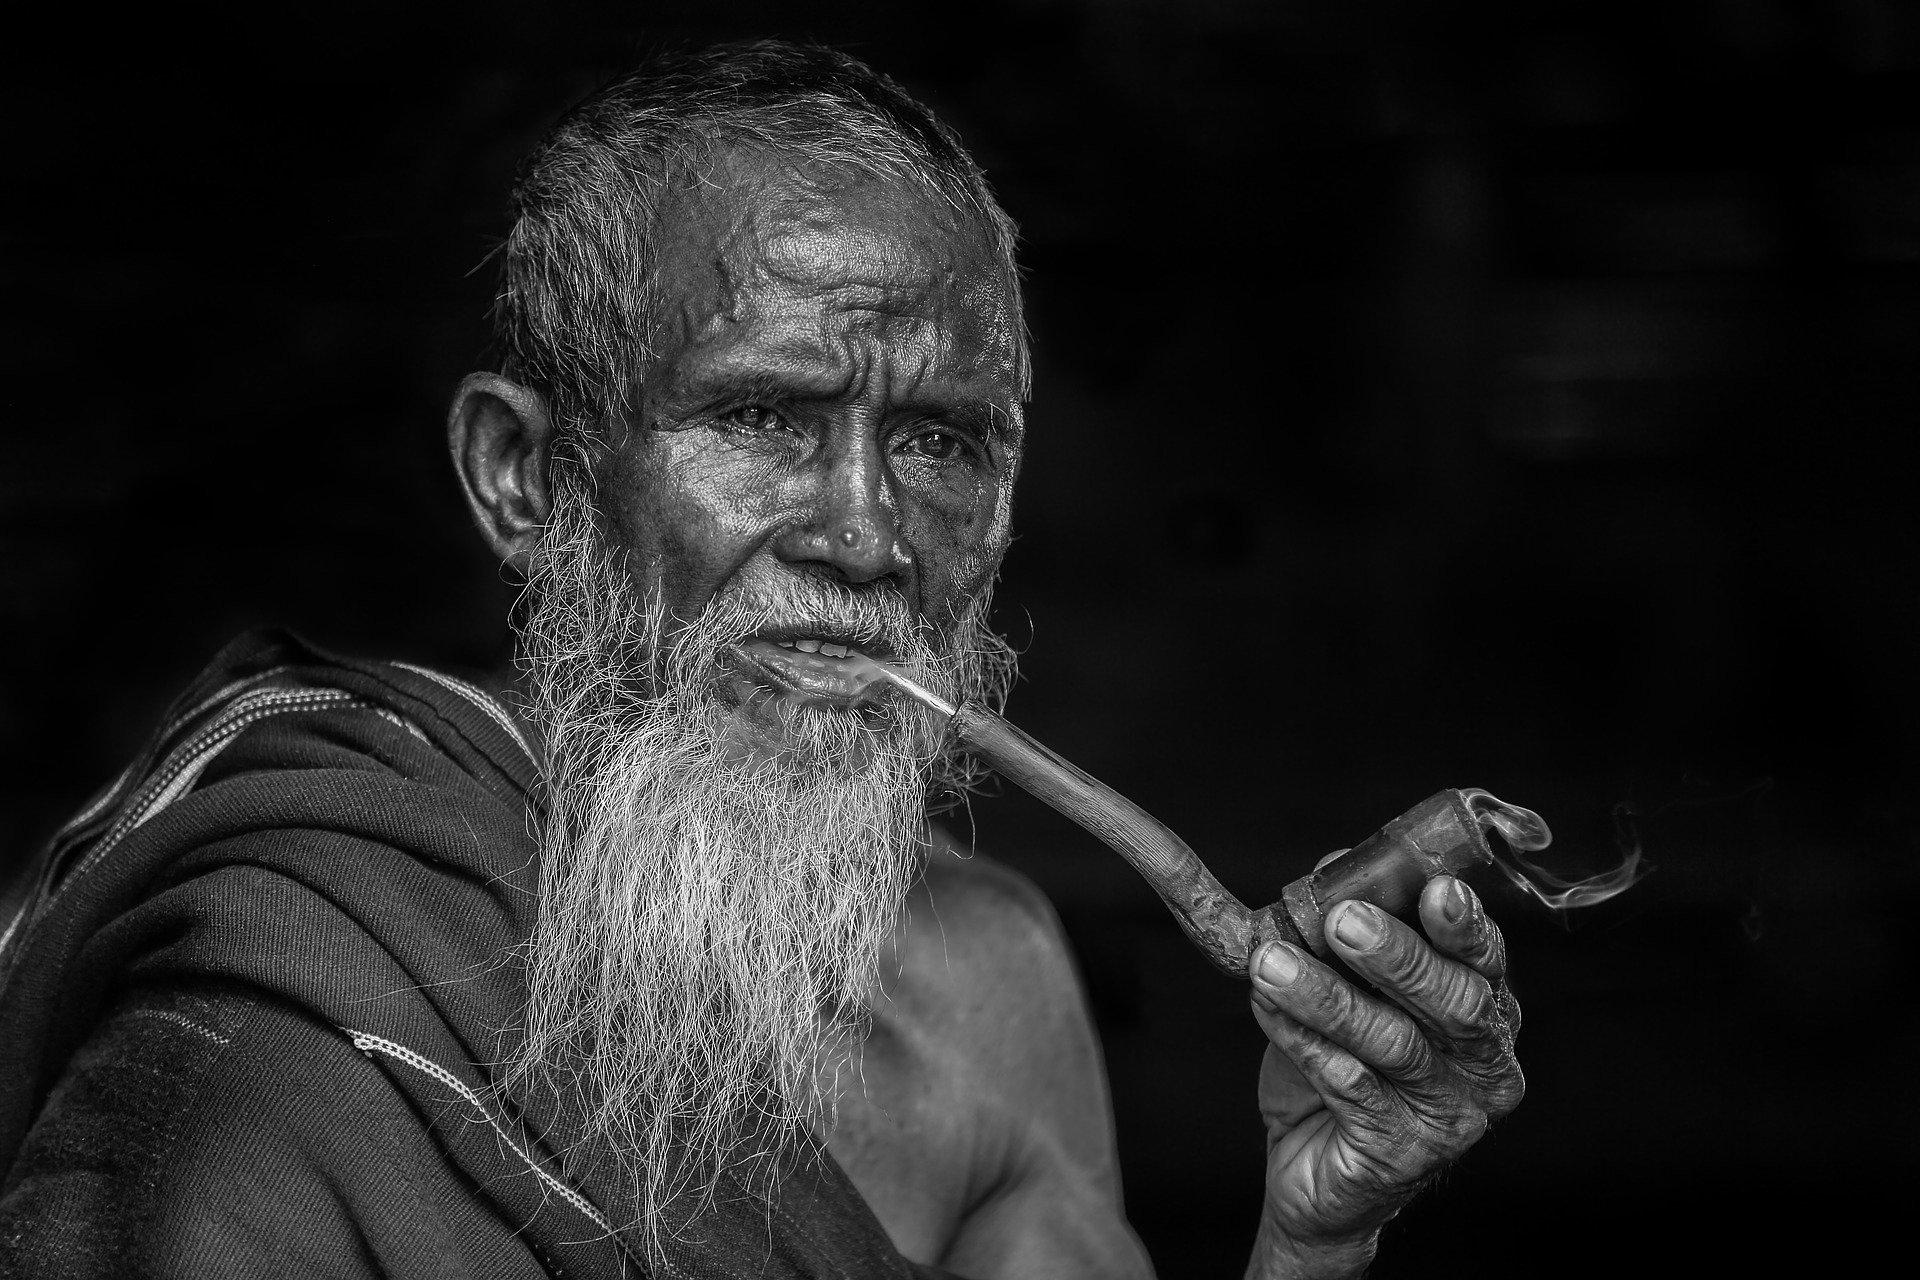 Названа самая курящая страна в мире